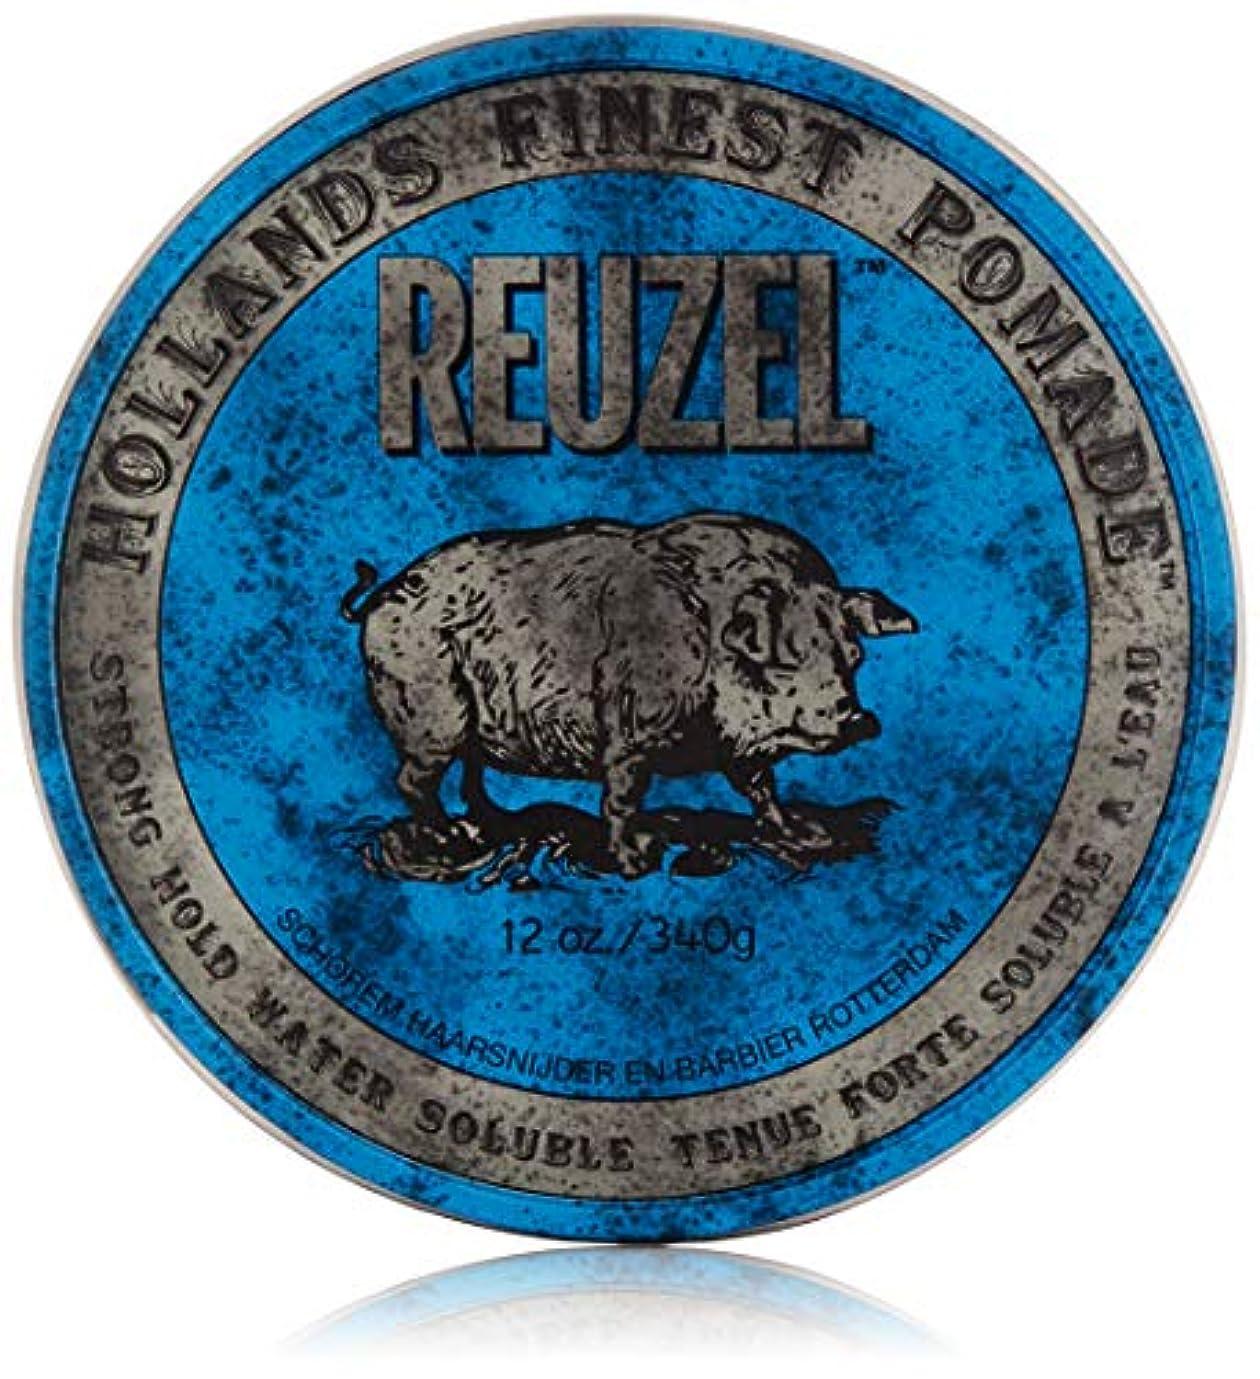 格納お願いします反論Reuzel Blue Pomade (Strong Hold, Water Soluble) 340g/12oz並行輸入品